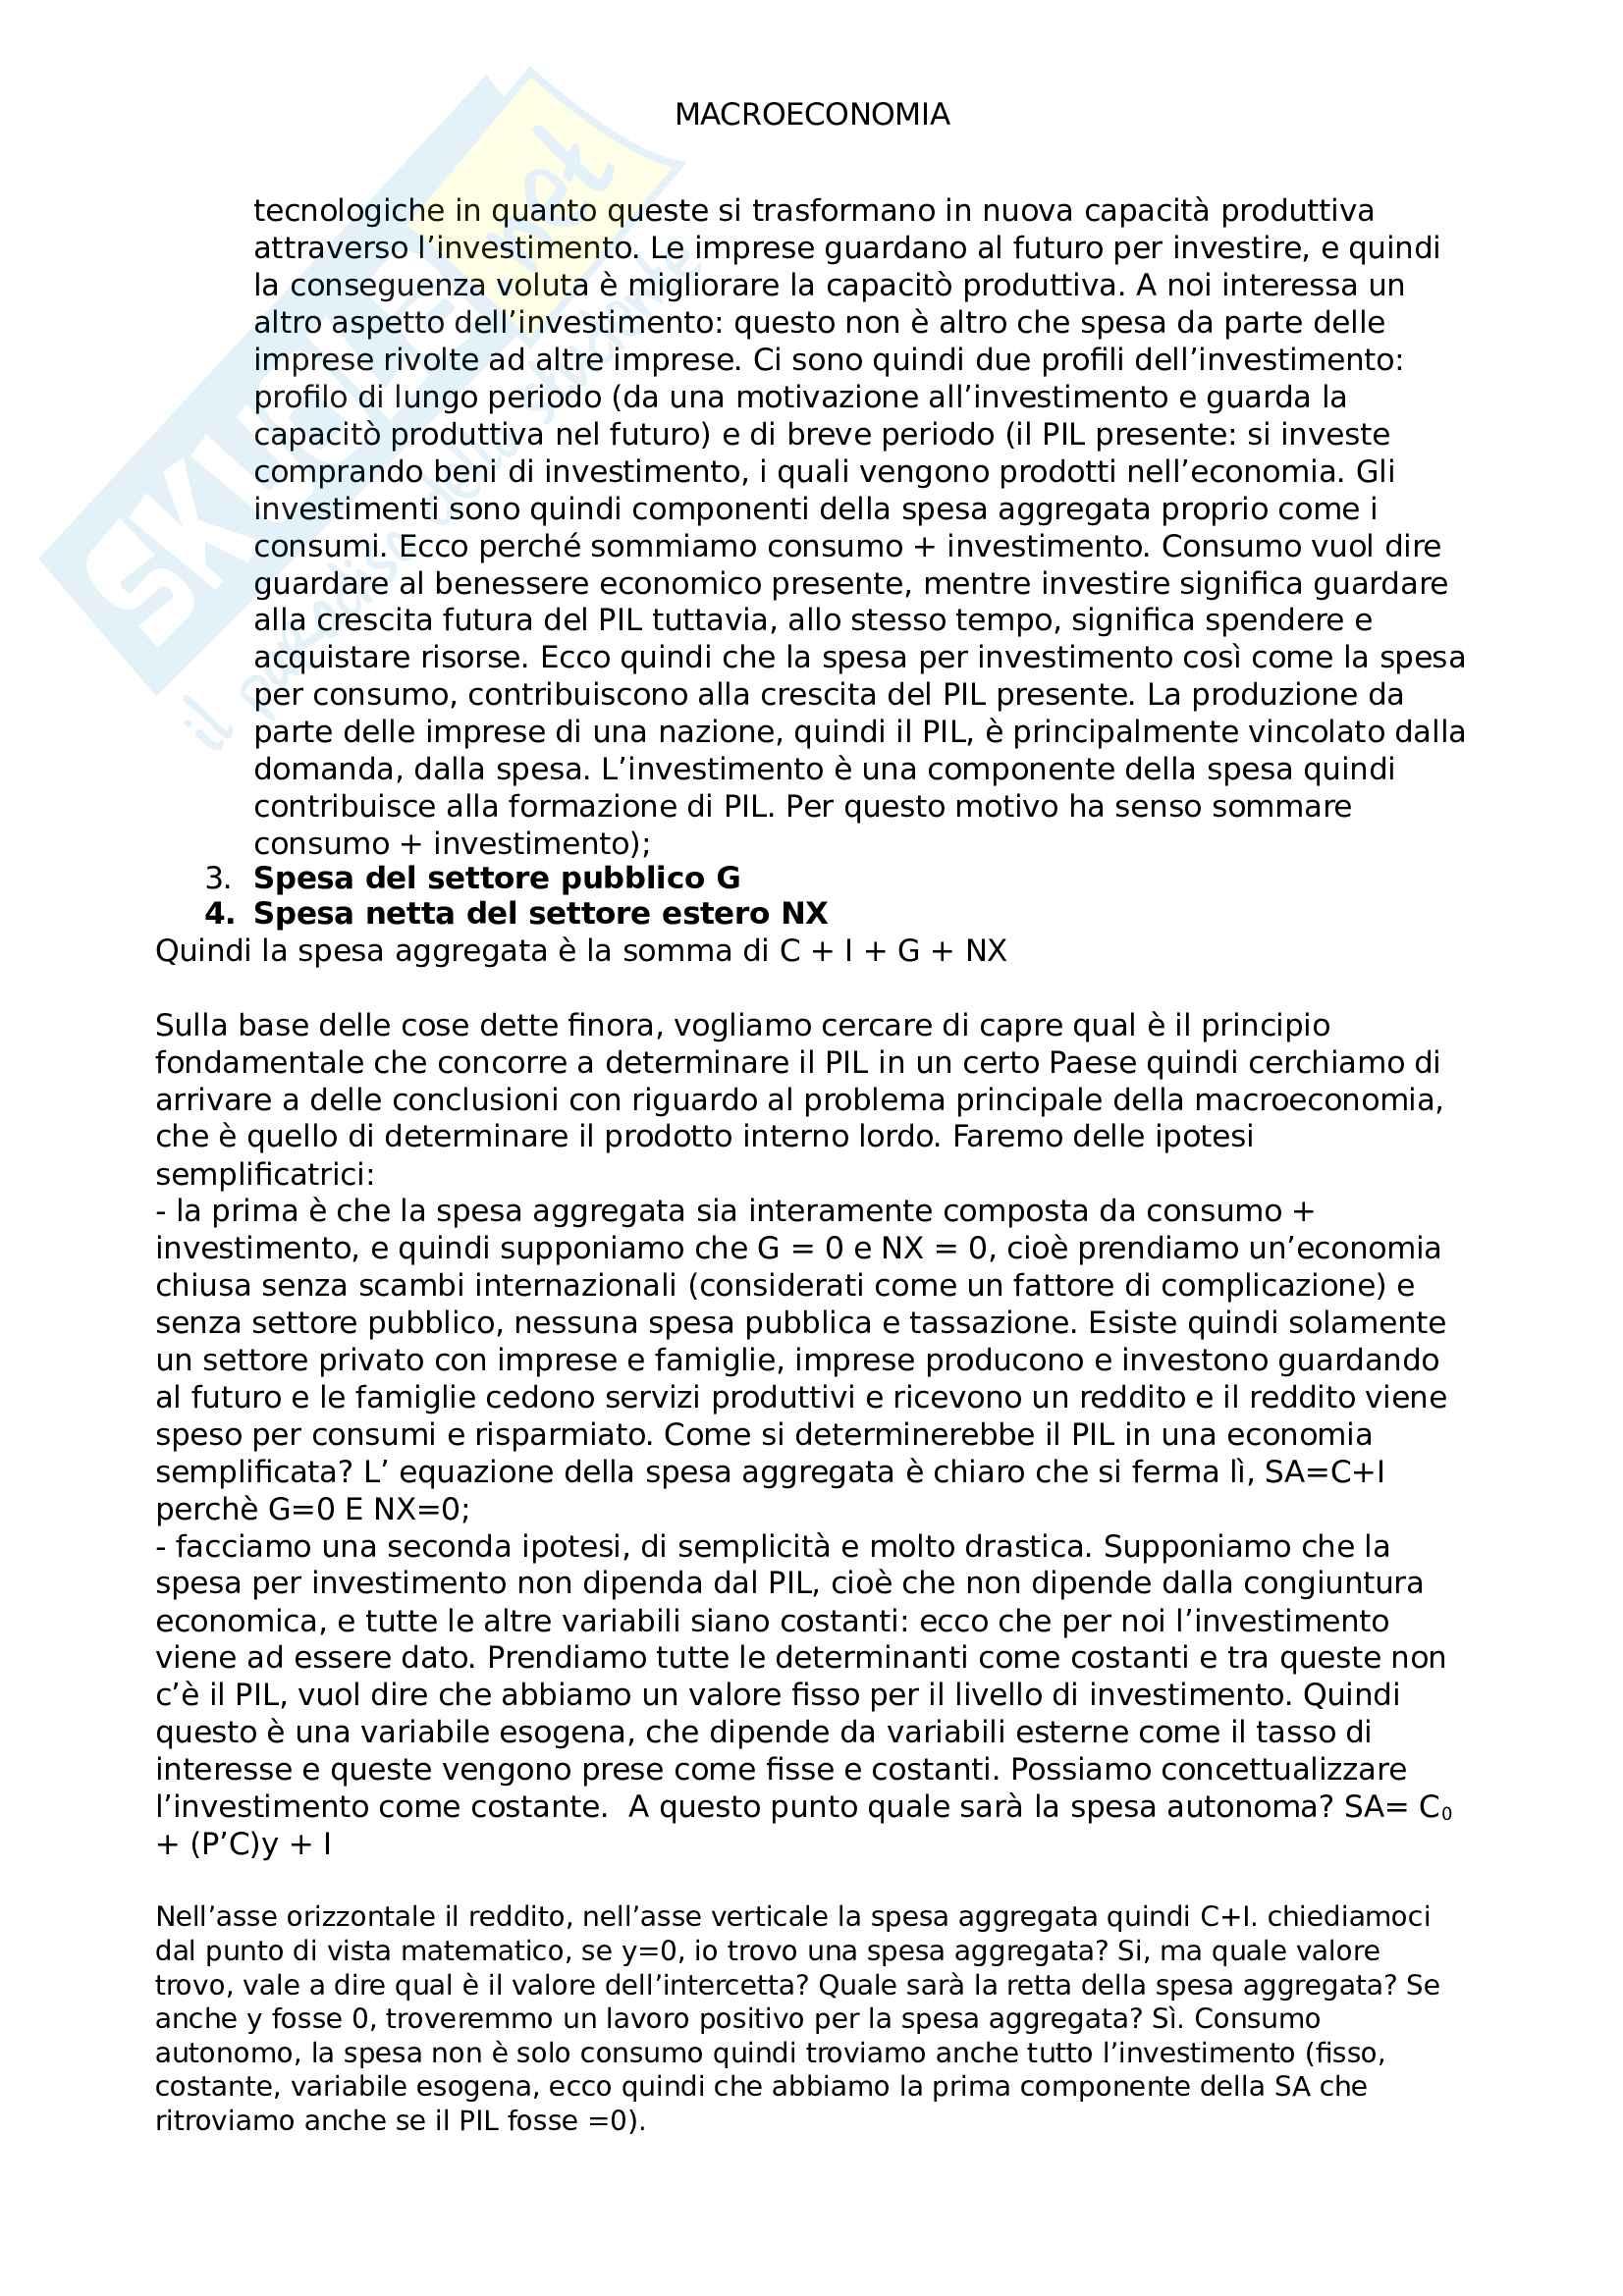 Macroeconomia, Economia Politica, prof. Opocher Pag. 21